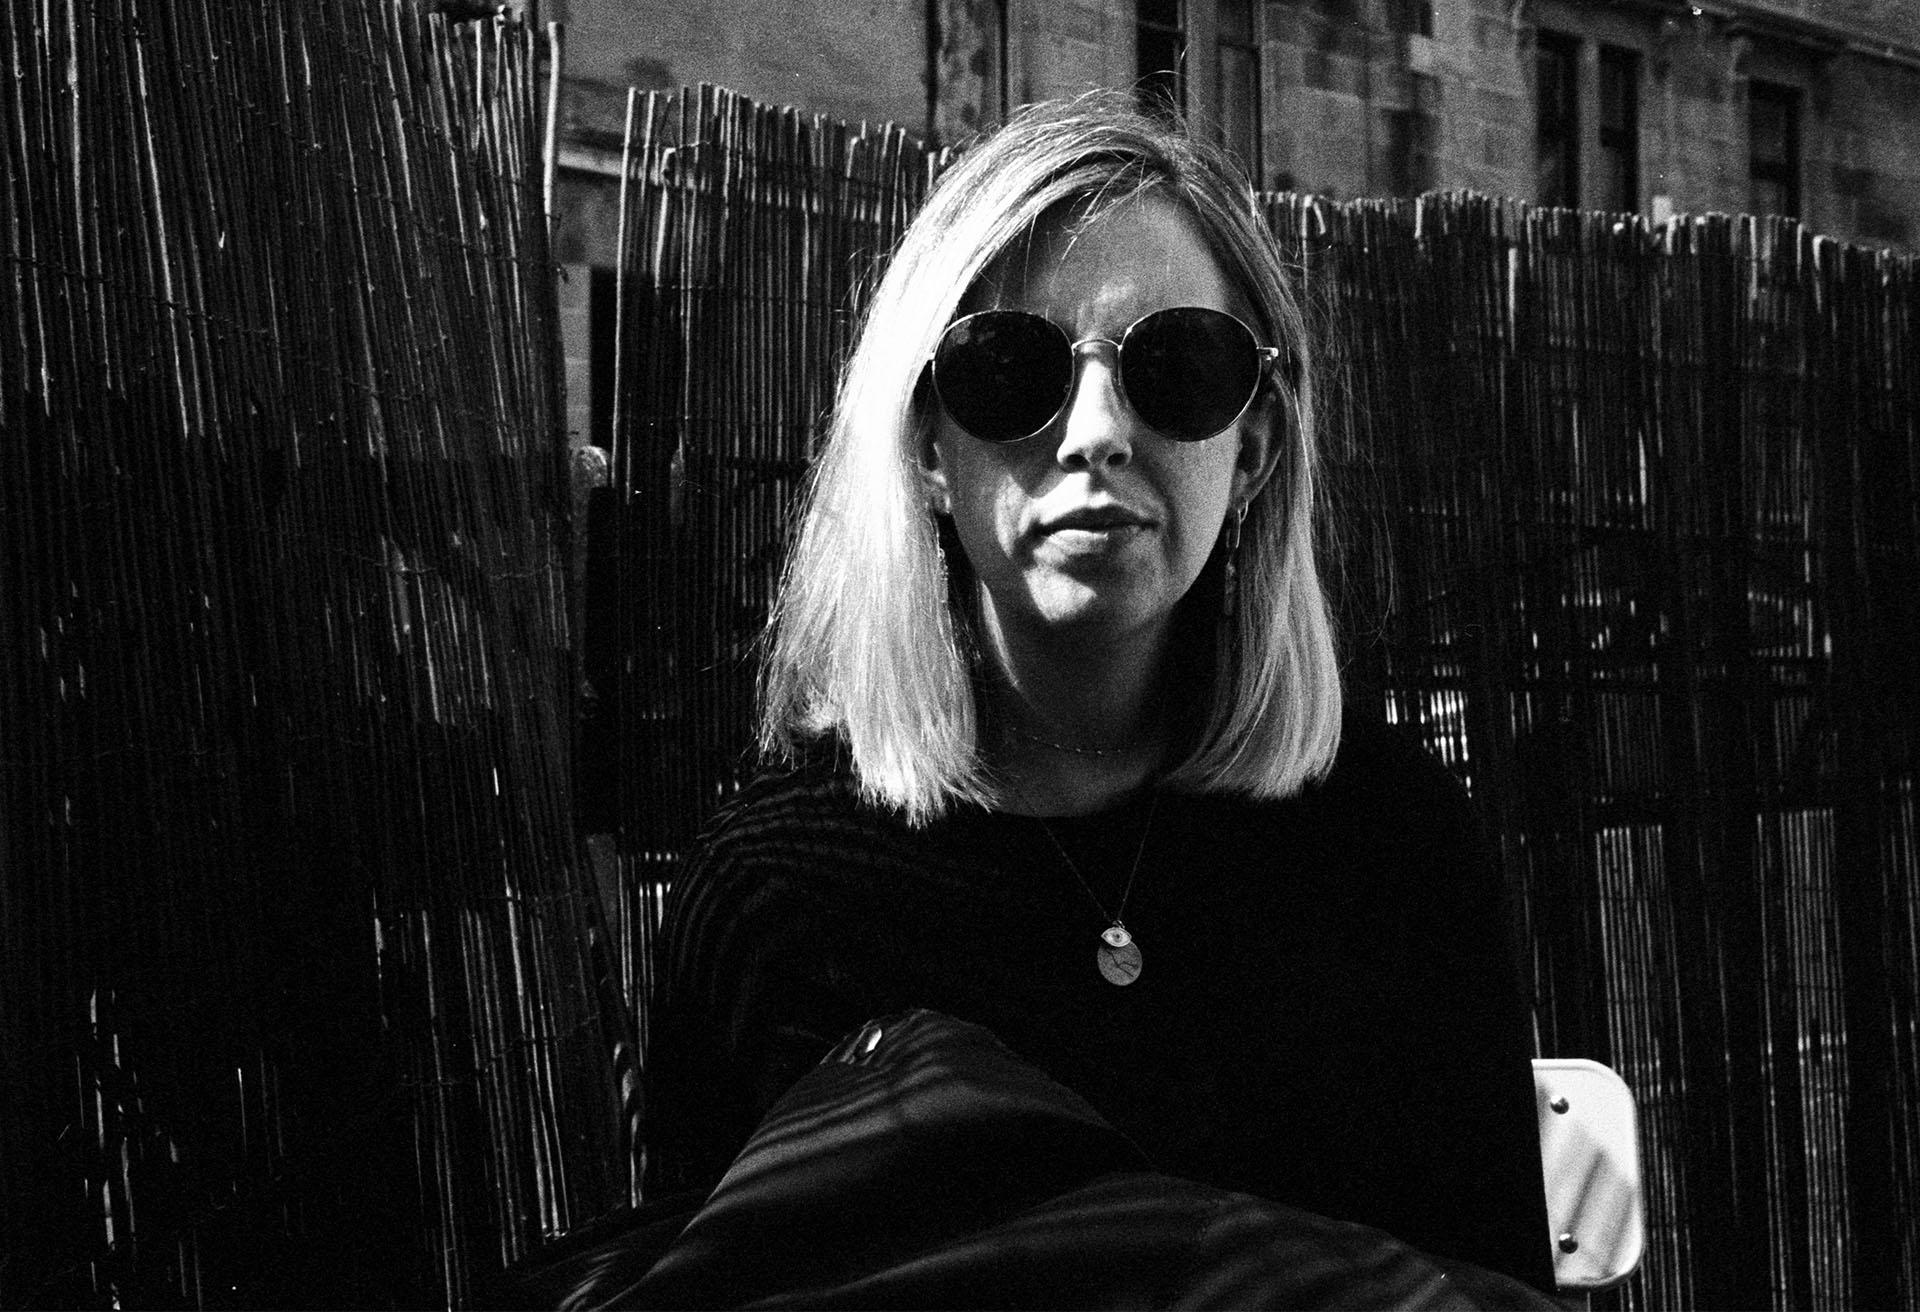 Rollei 35s portrait